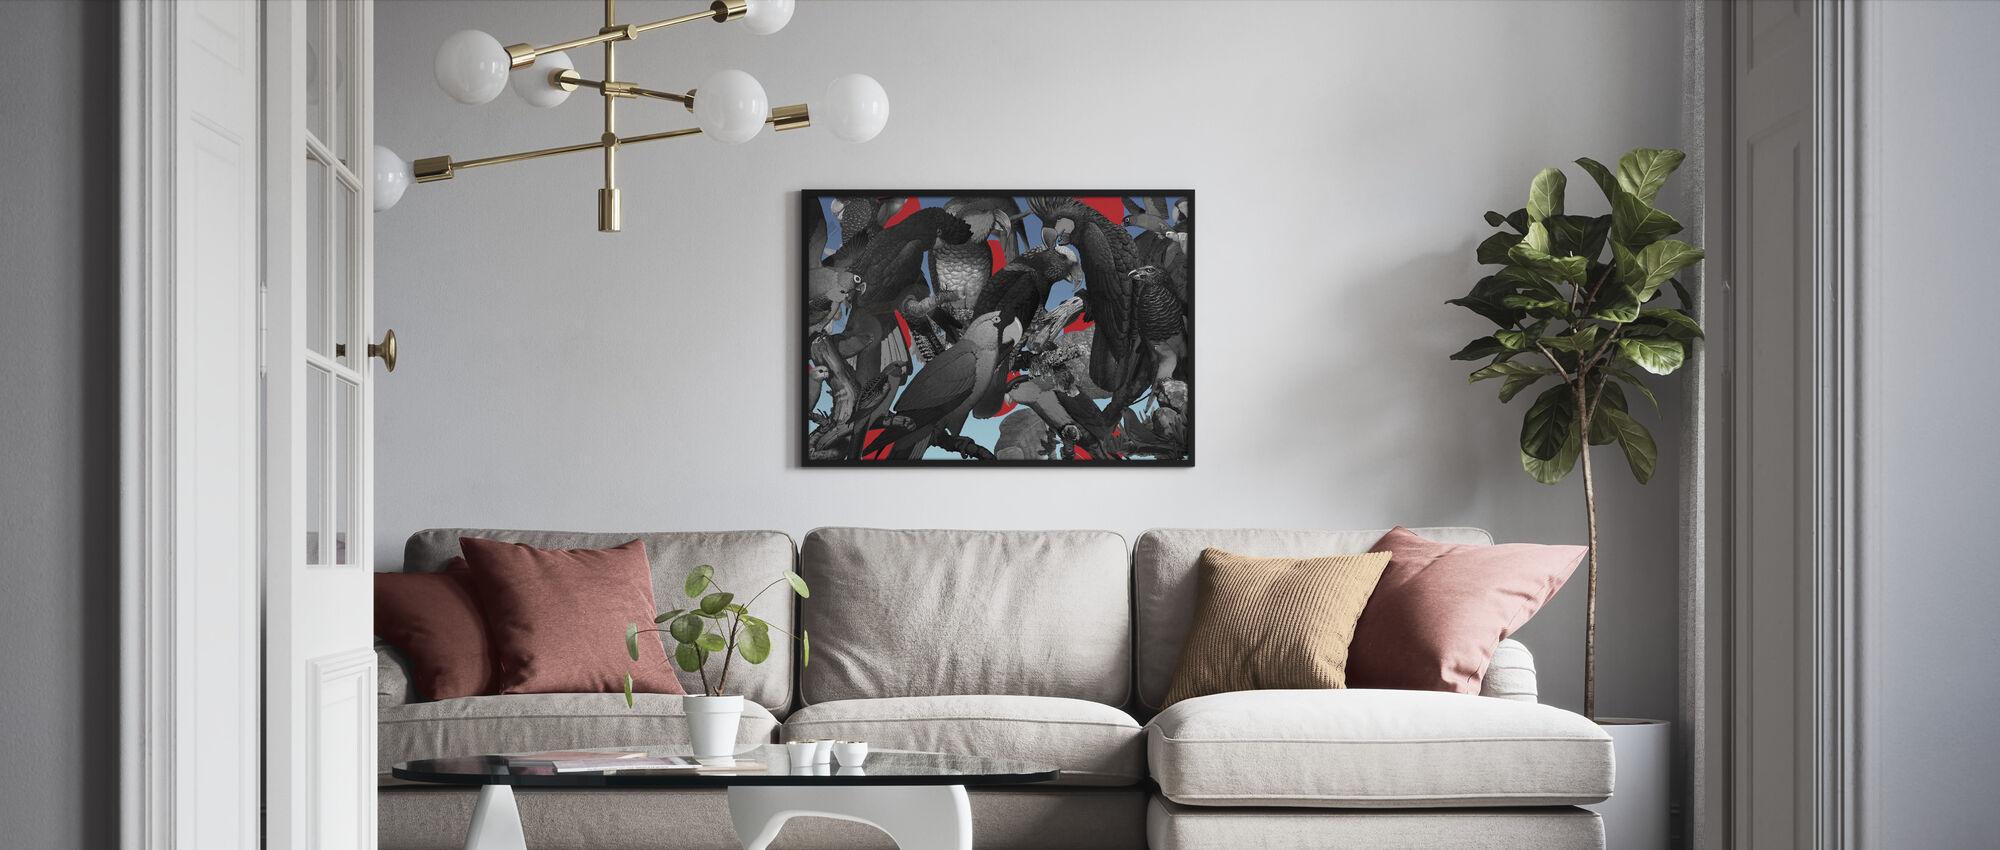 Familieportrett - Polka - Innrammet bilde - Stue